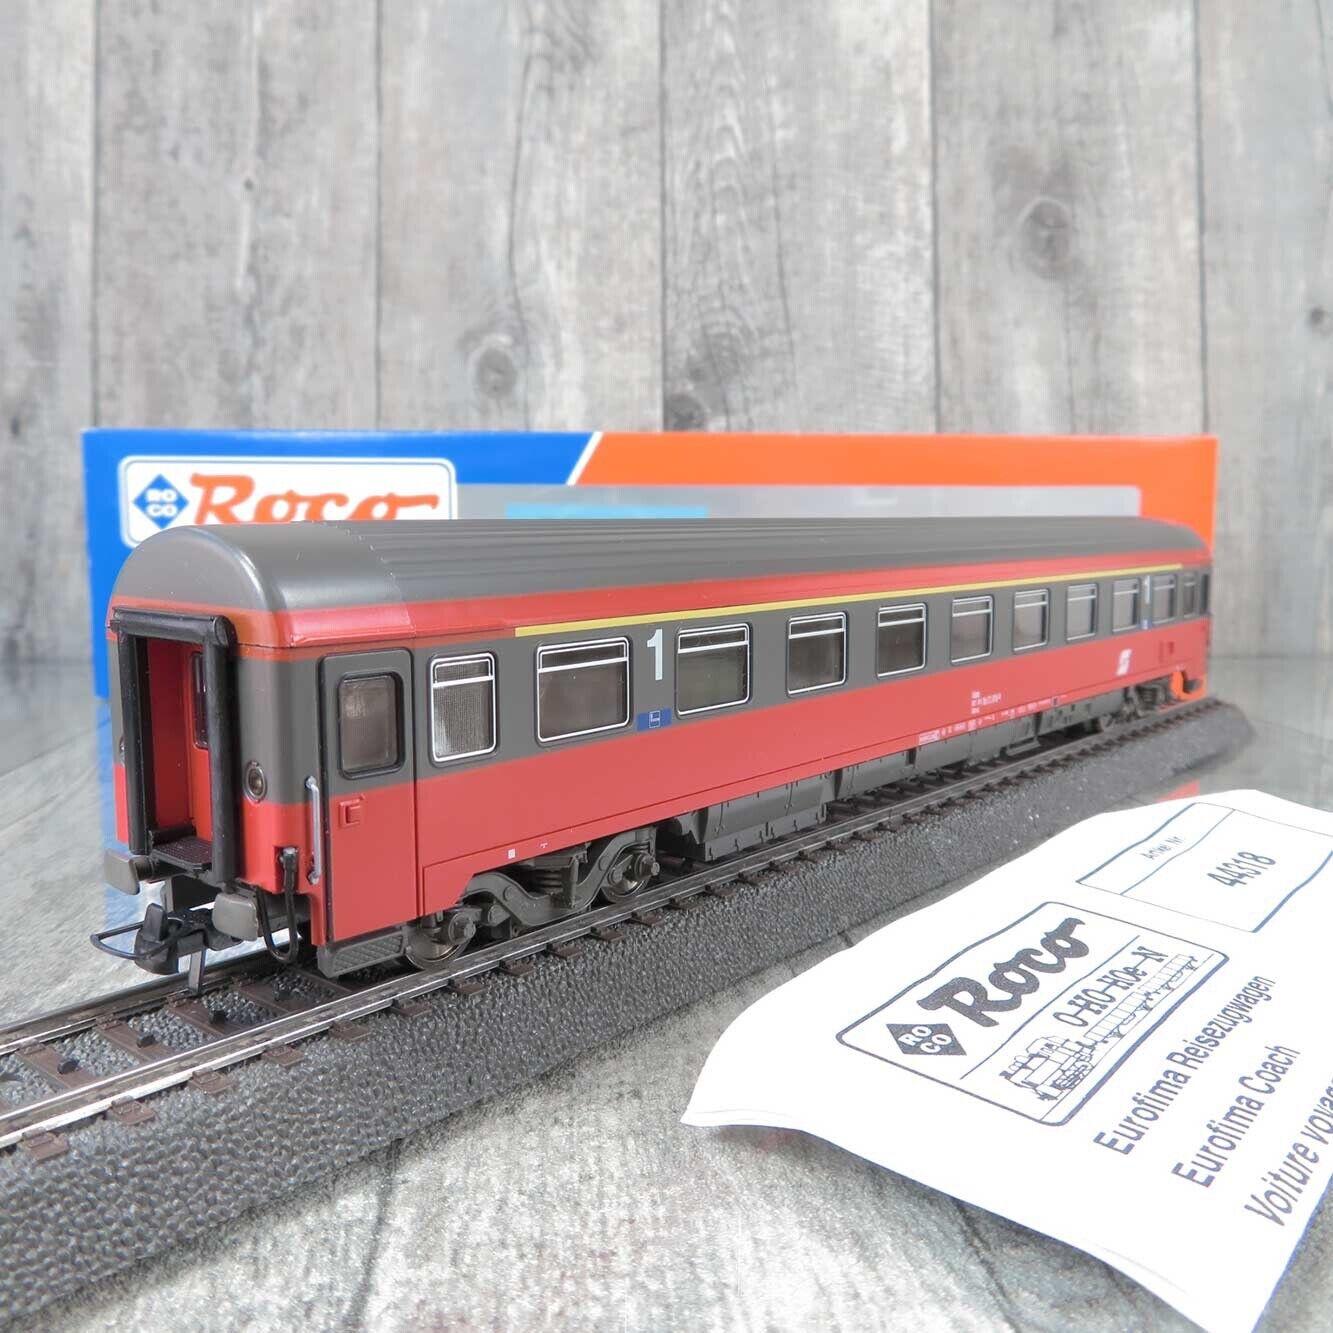 ROCO für AC 44318 - 1 100 - ÖBB - 1.Klasse - Beleuchtet - OVP -  E23558